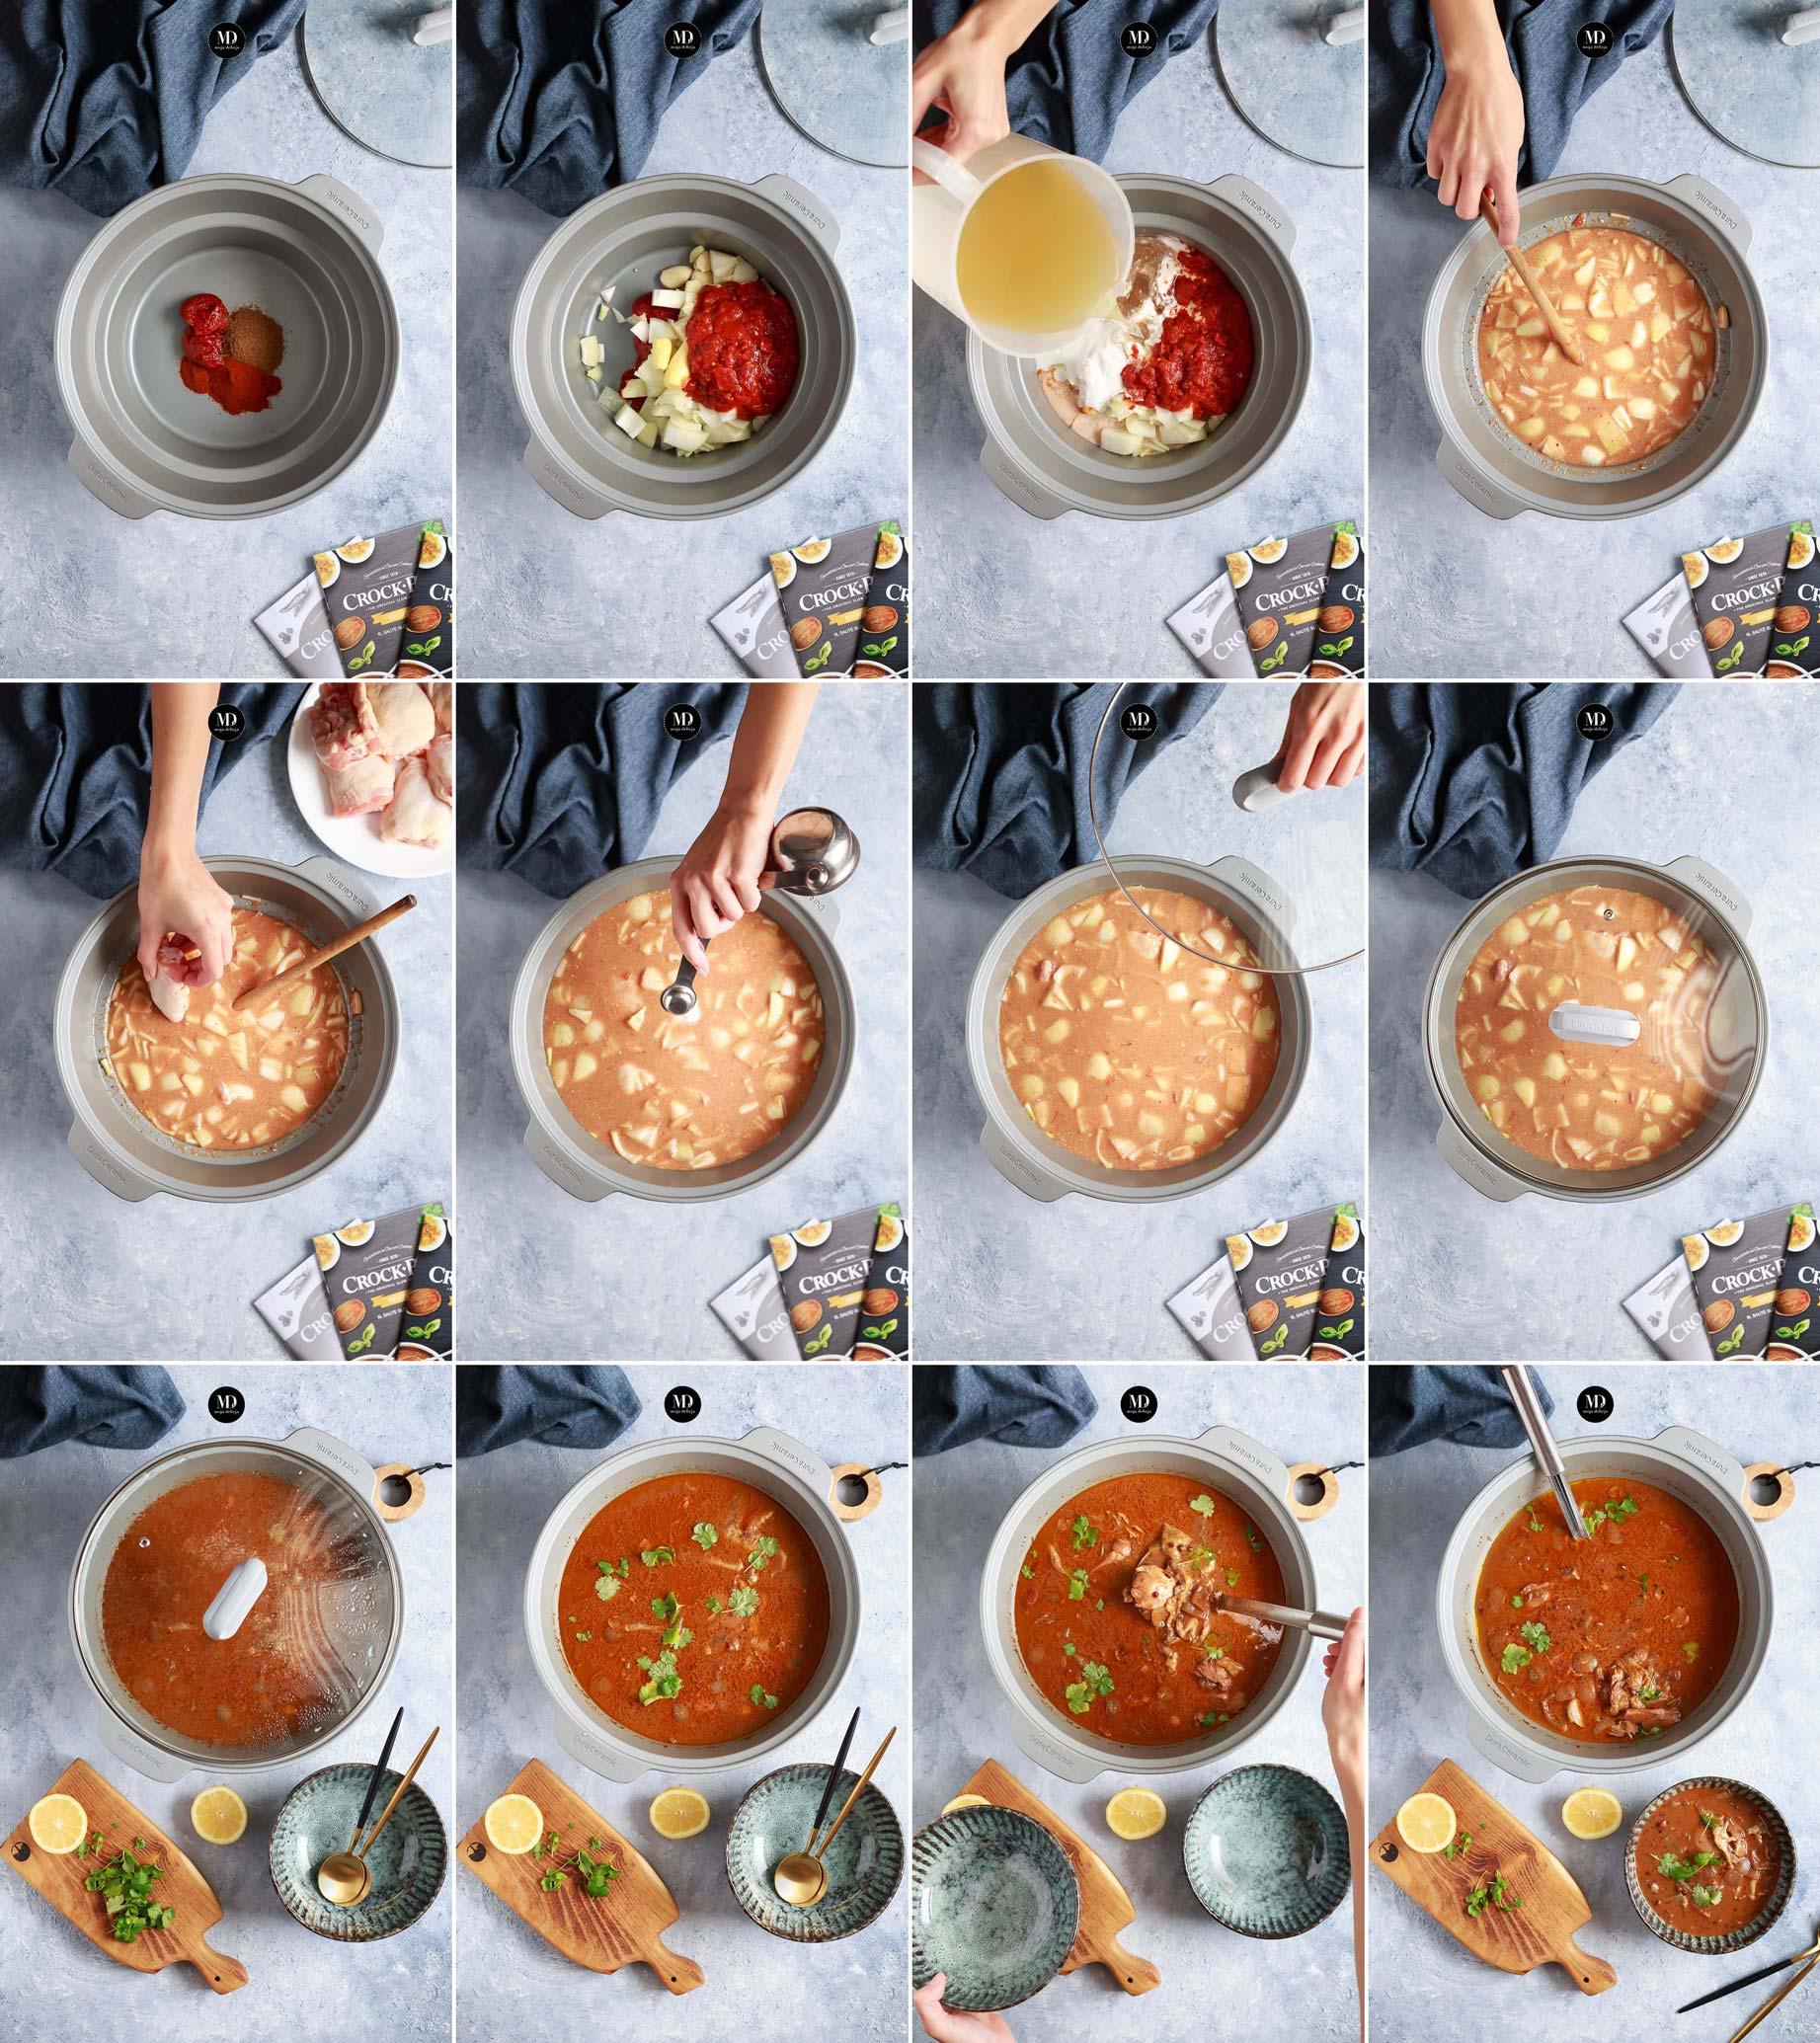 Wolnowar - Przygotowania dania